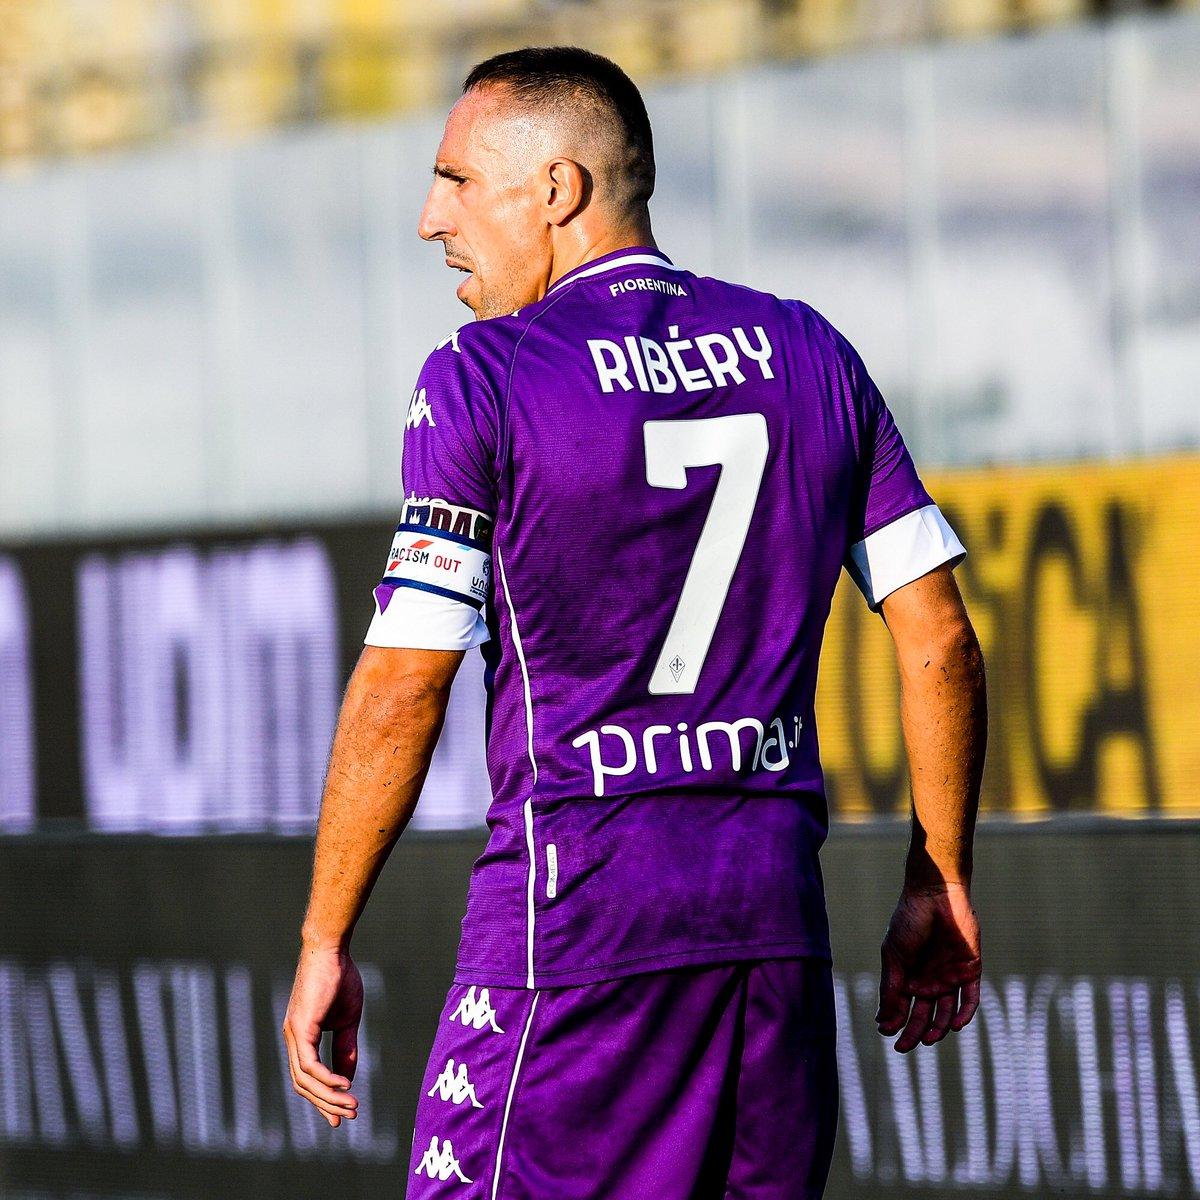 Fiorentina Ribery: il futuro del calciatore è in bilico - PeriodicoDaily  Sport